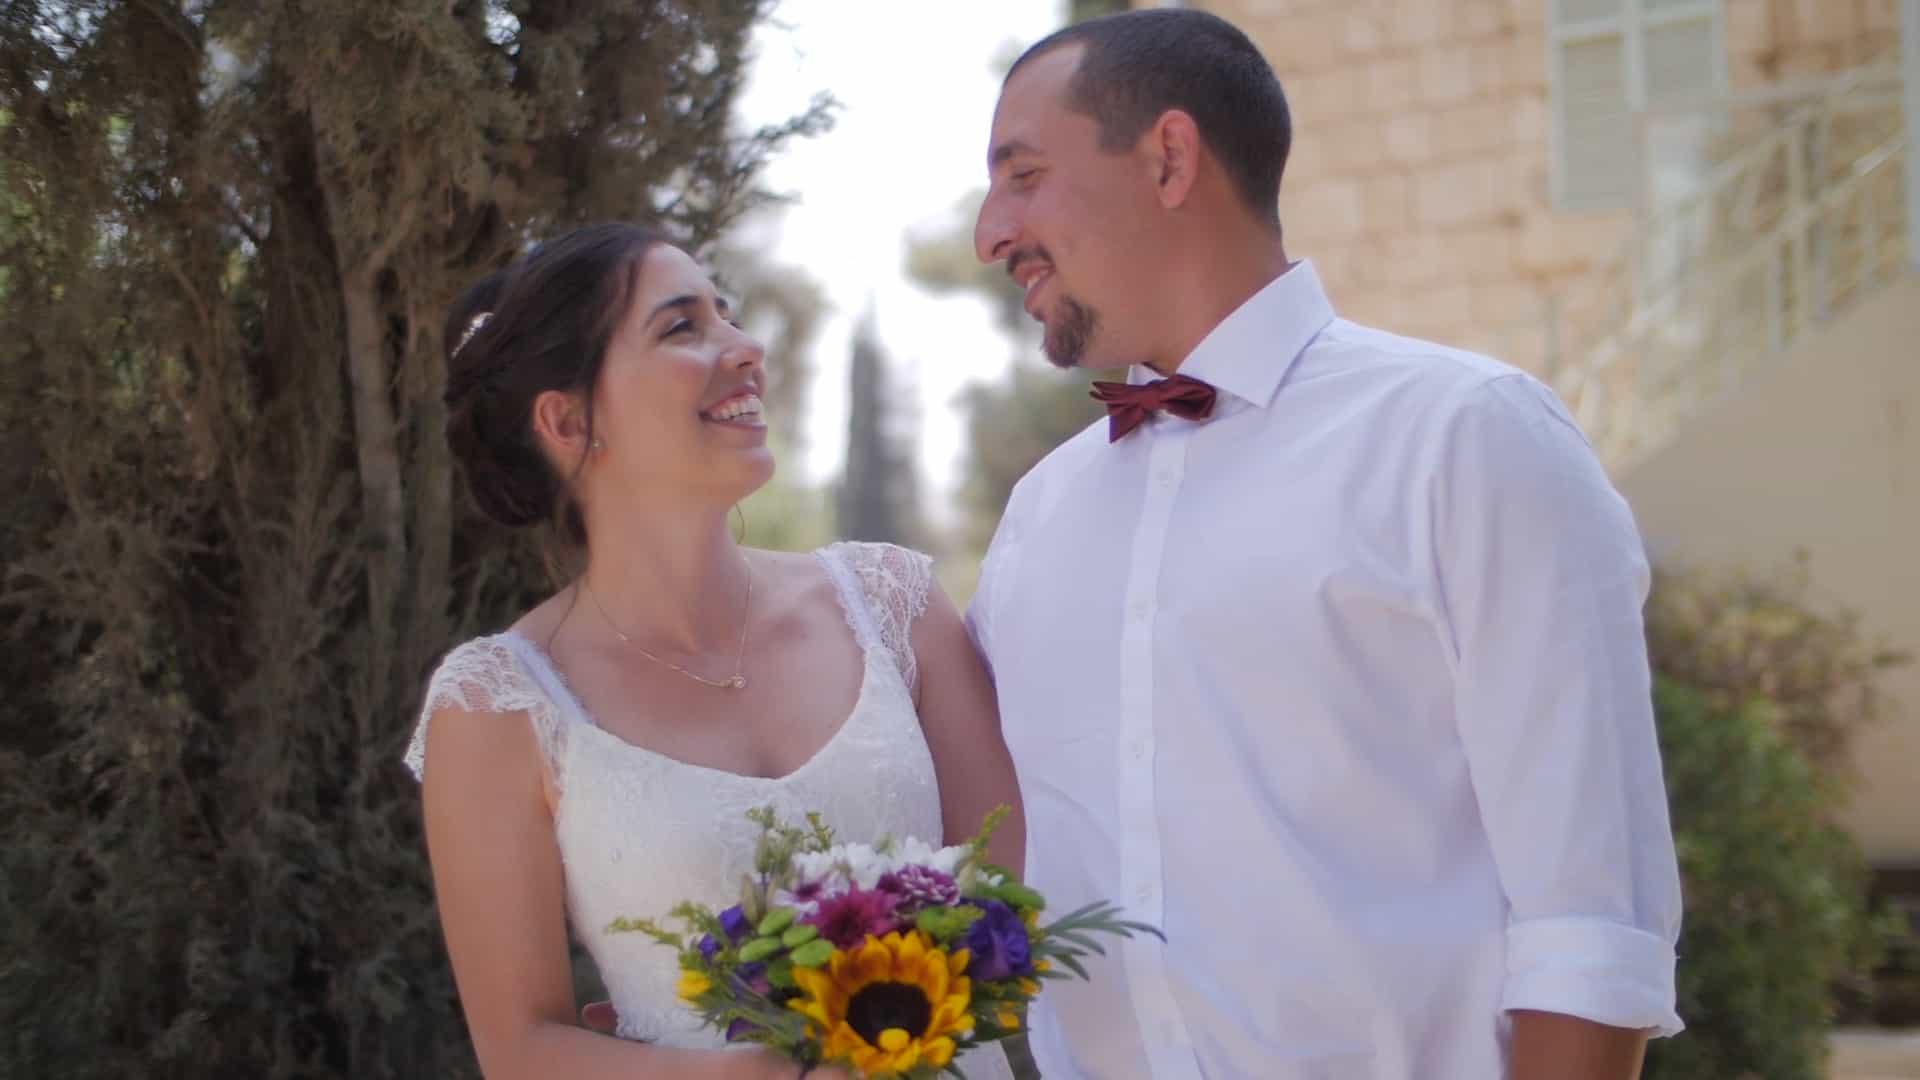 צלם וידאו מקצועי לחתונת שישי